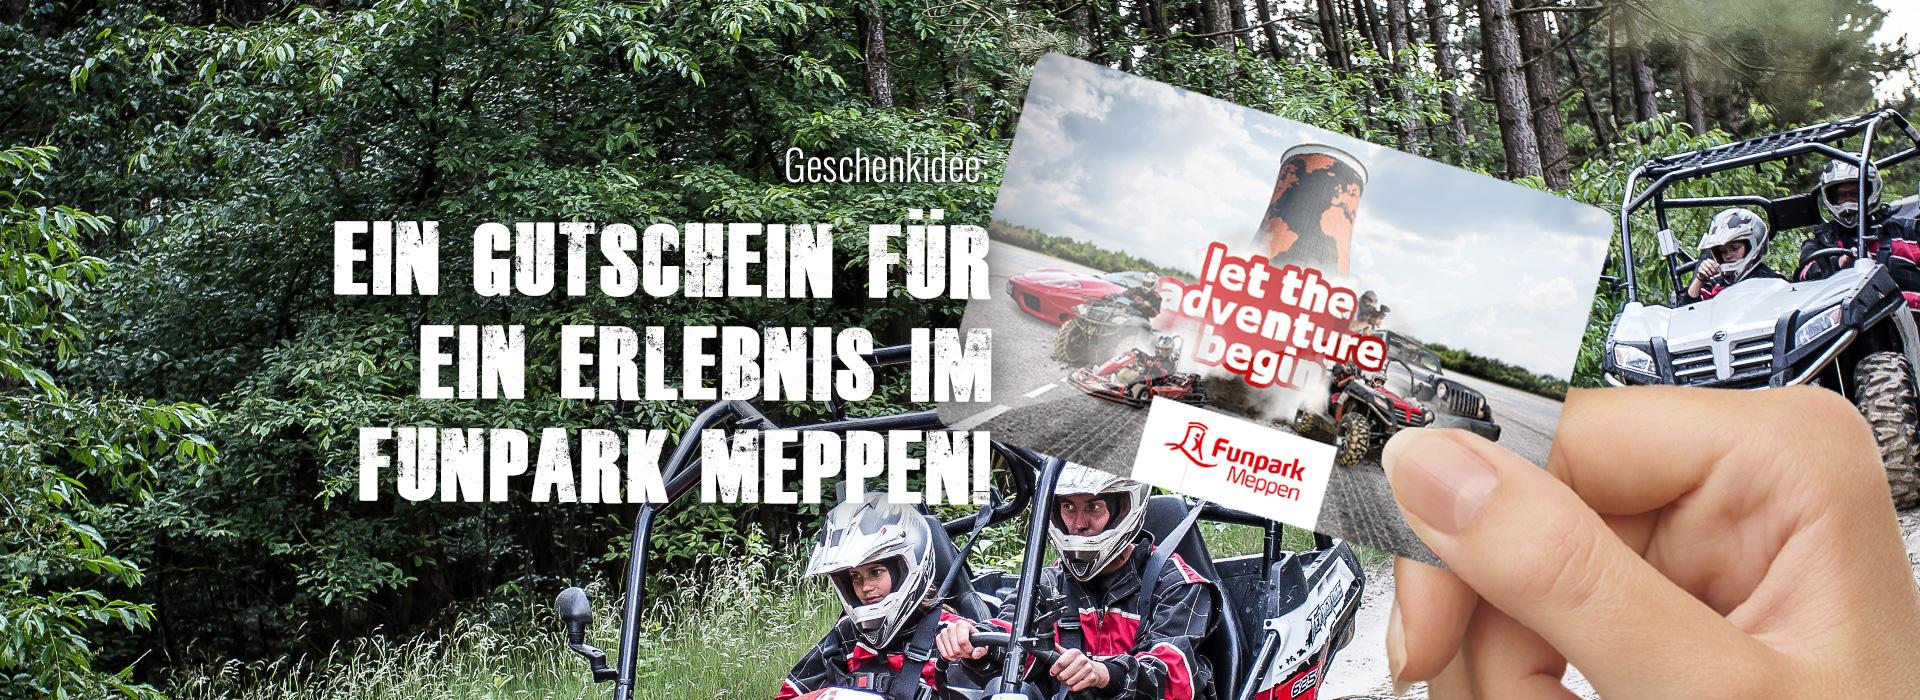 Geschenkgutschein Funpark Meppen